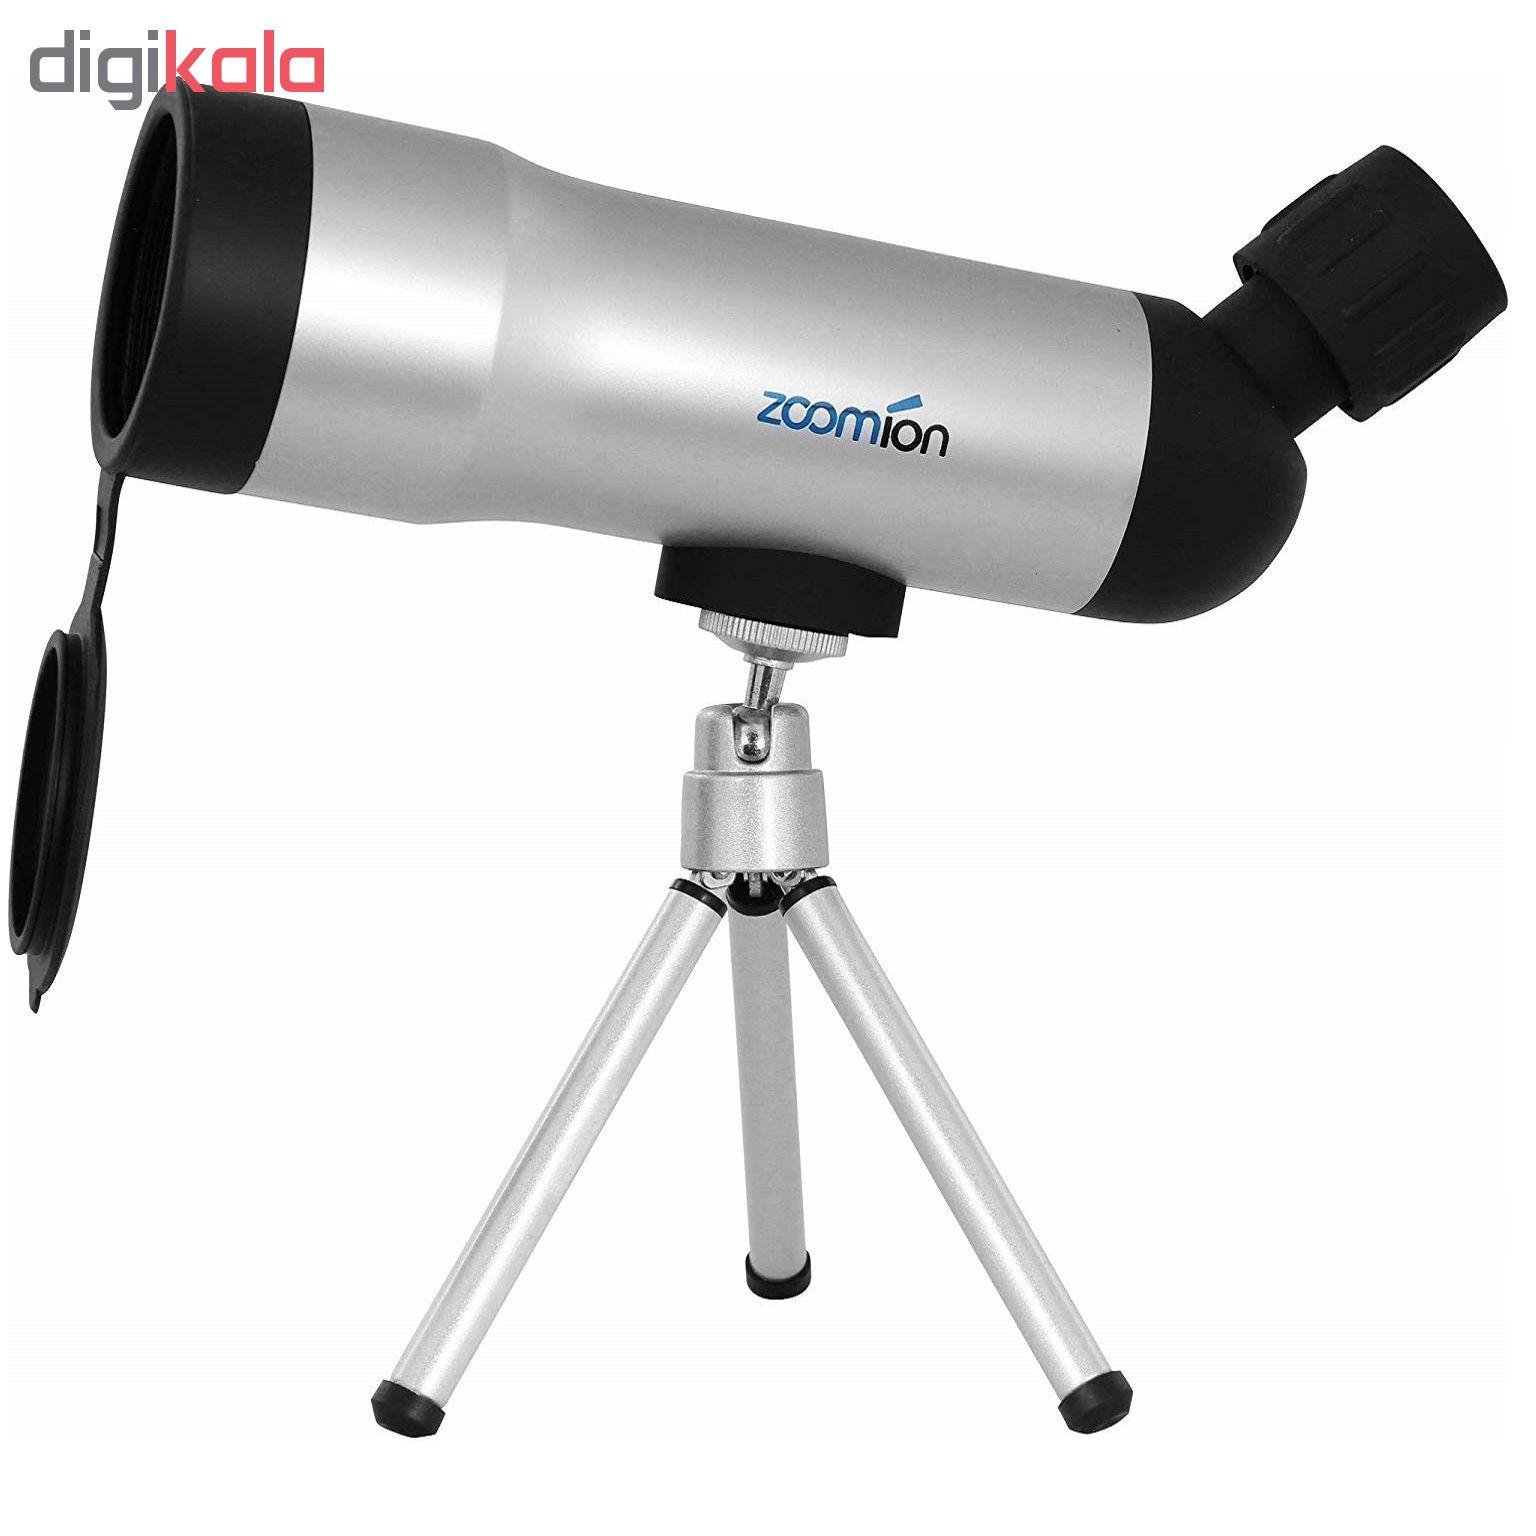 دوربین تک چشمی زومیون مدل 20x50